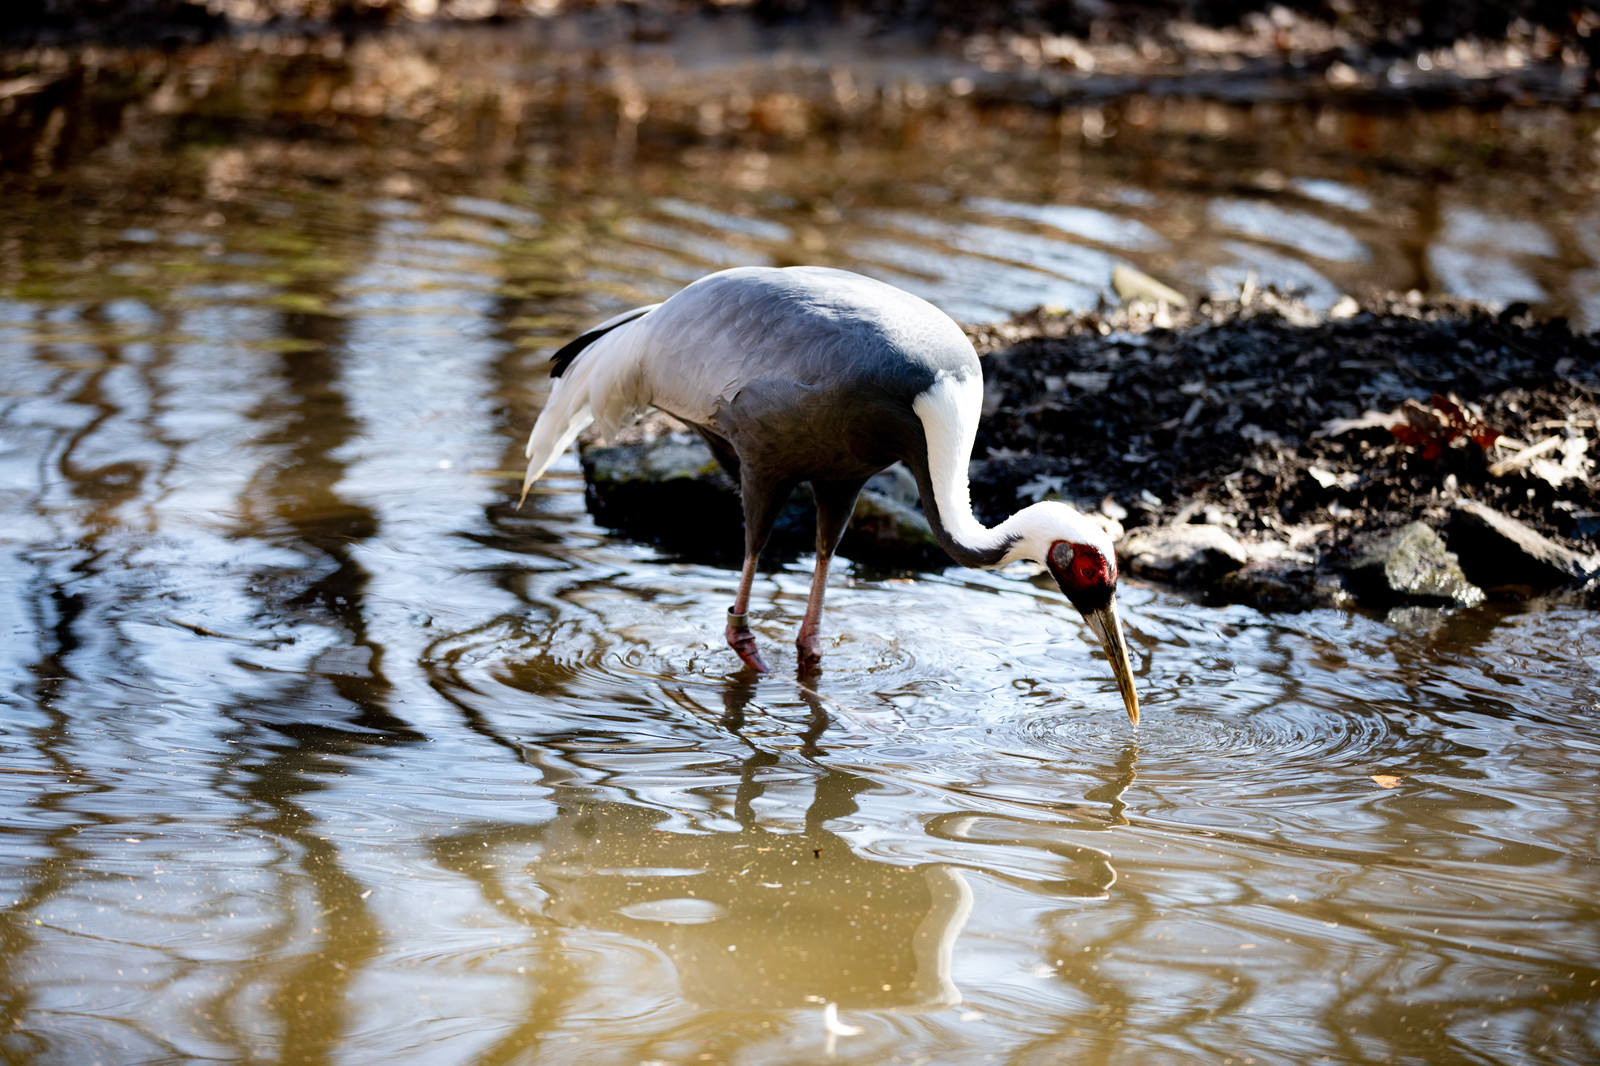 「水場で餌を突く鳥(ニューヨーク)」の写真